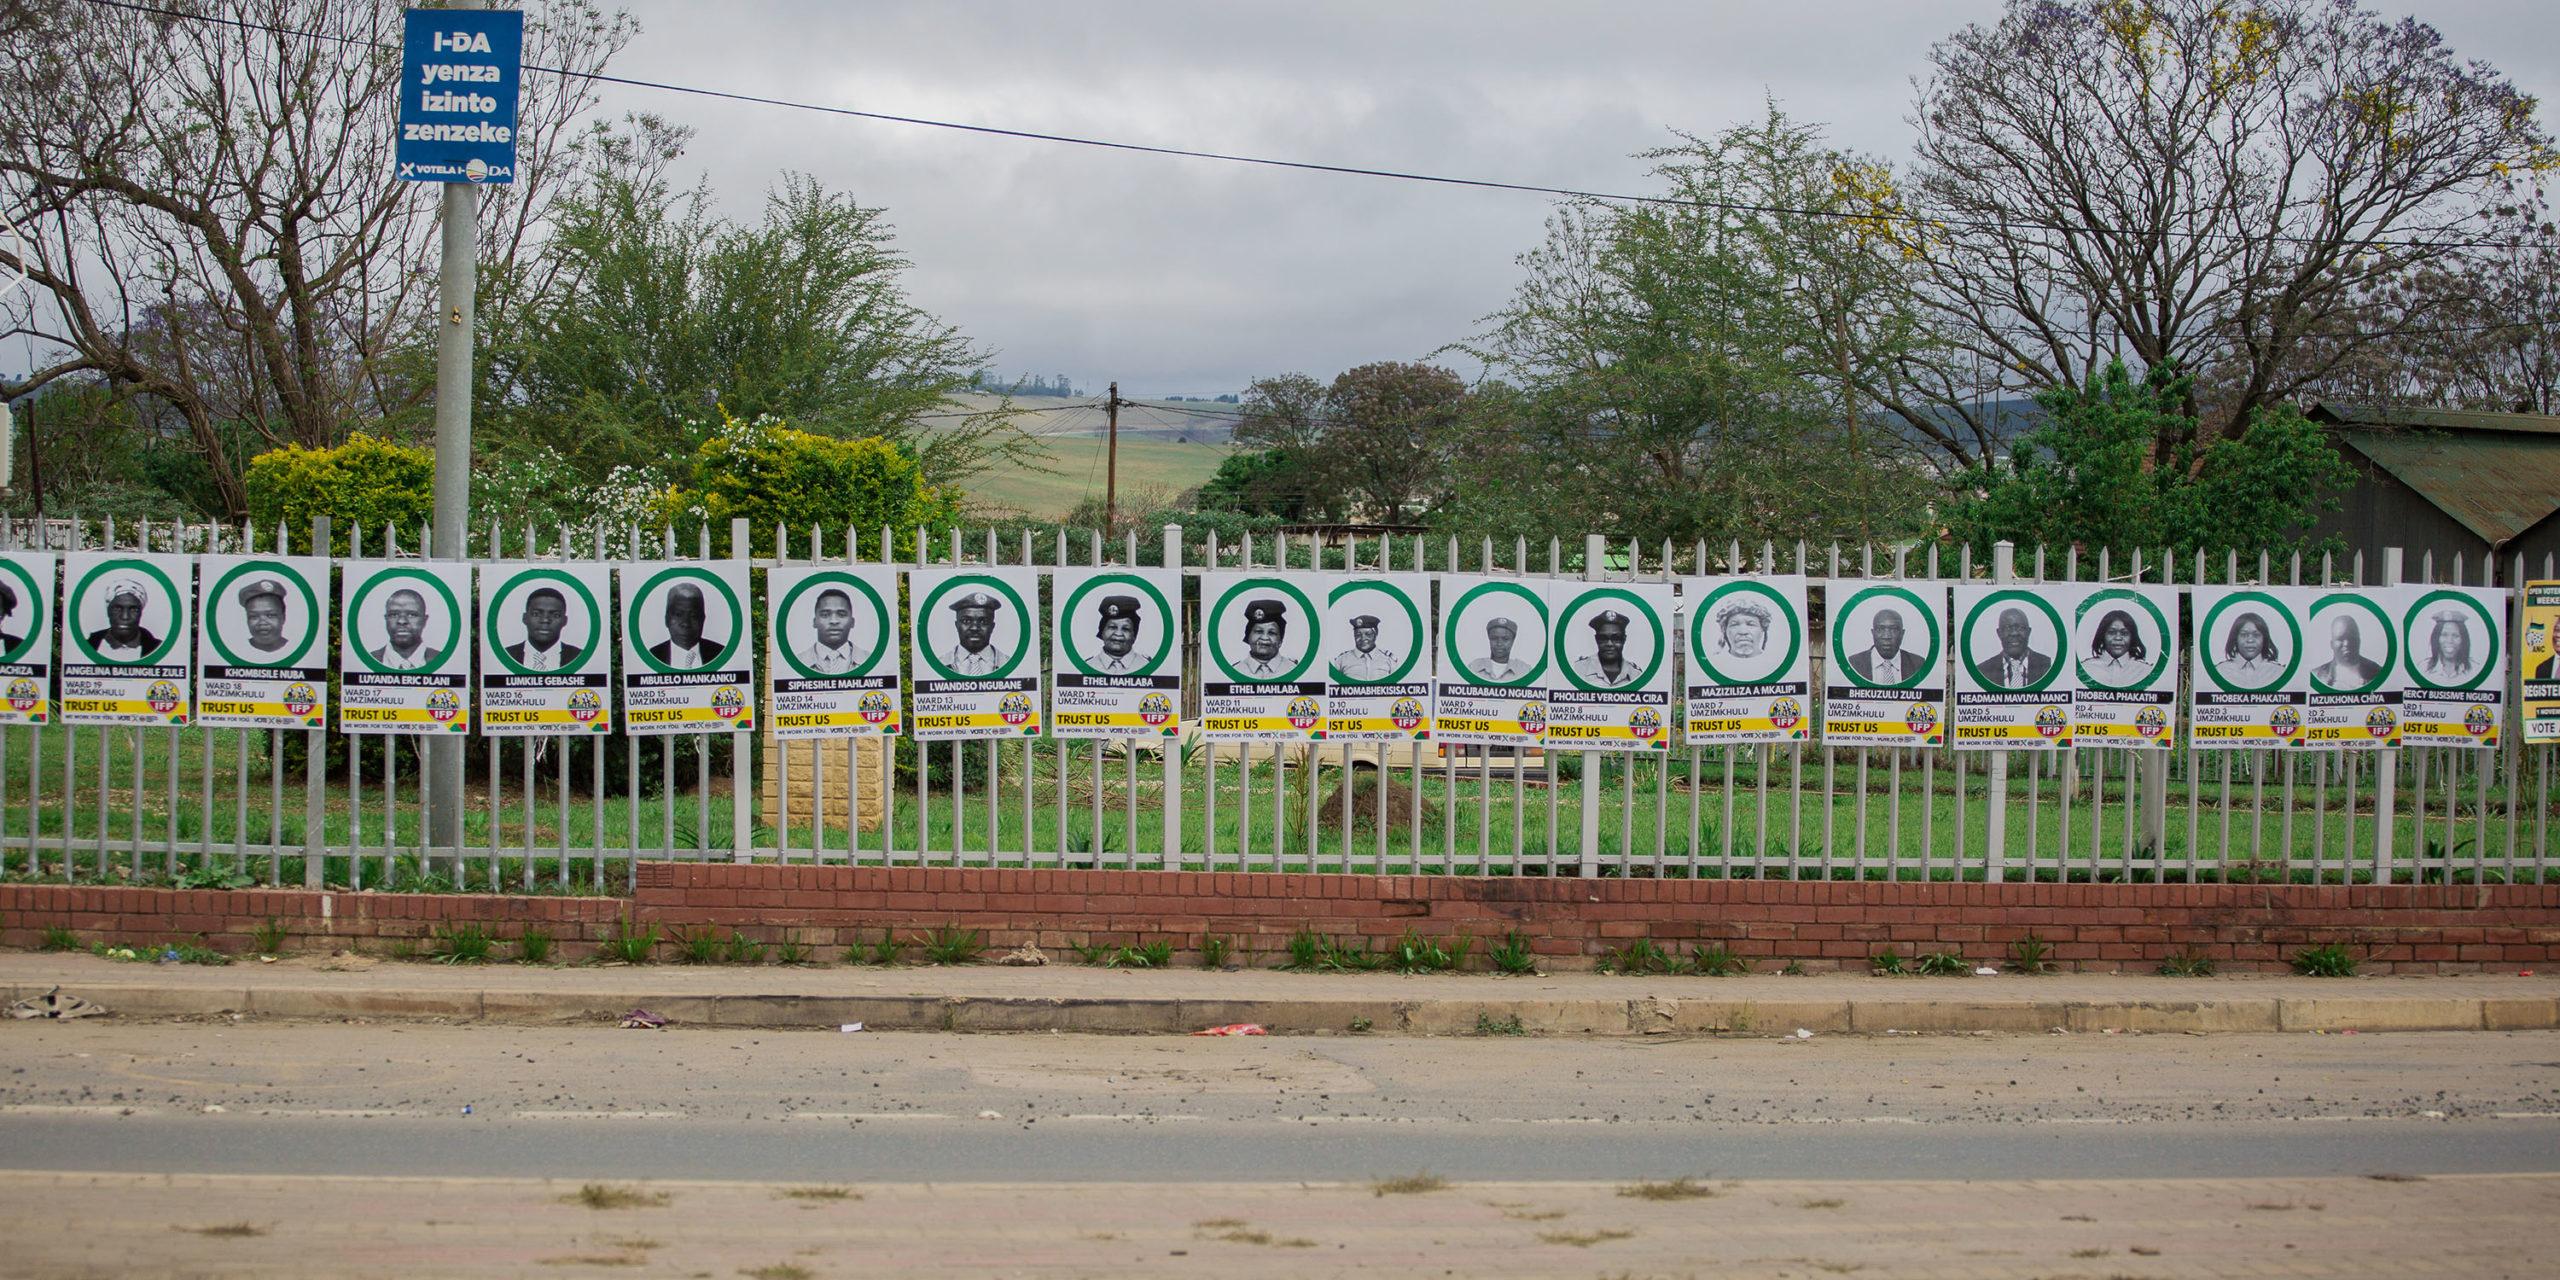 Umzimkhulu posters